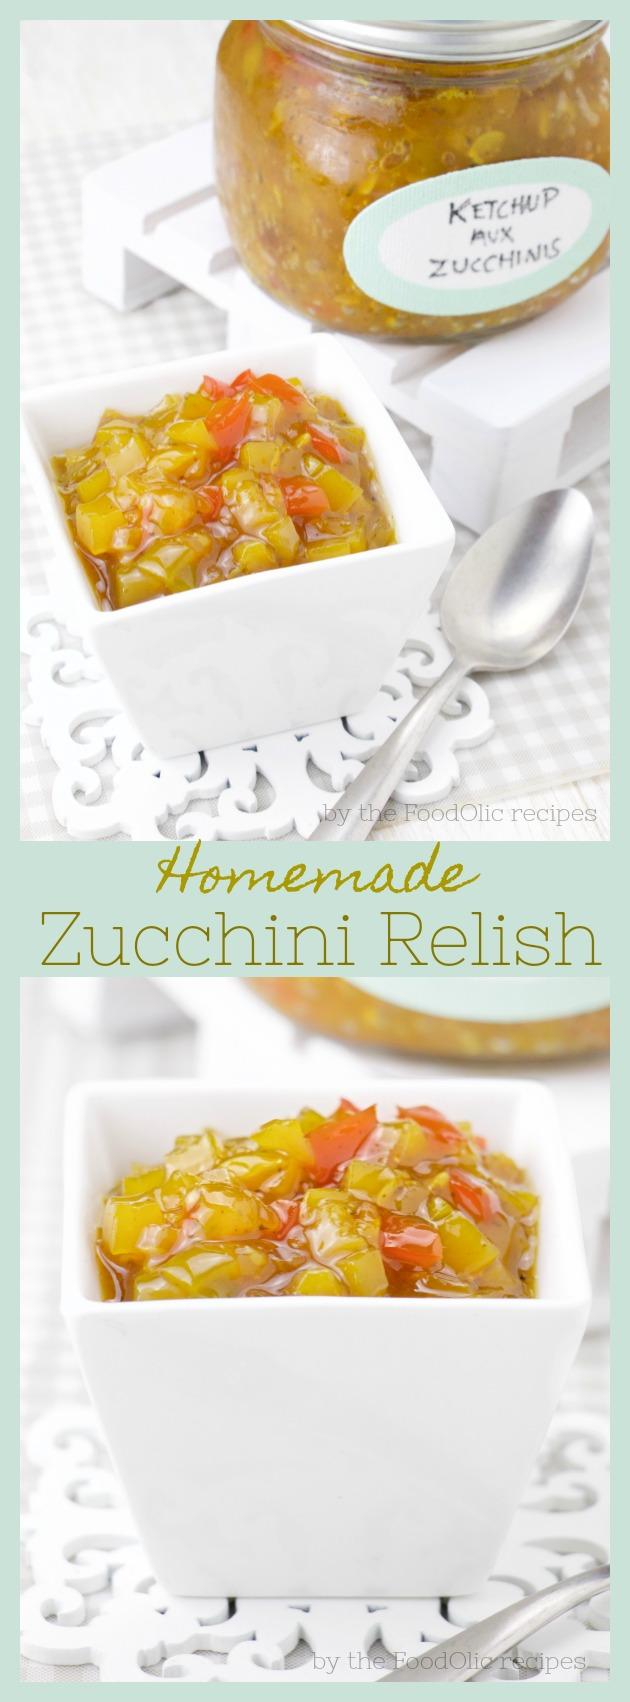 zucchini relish condiment